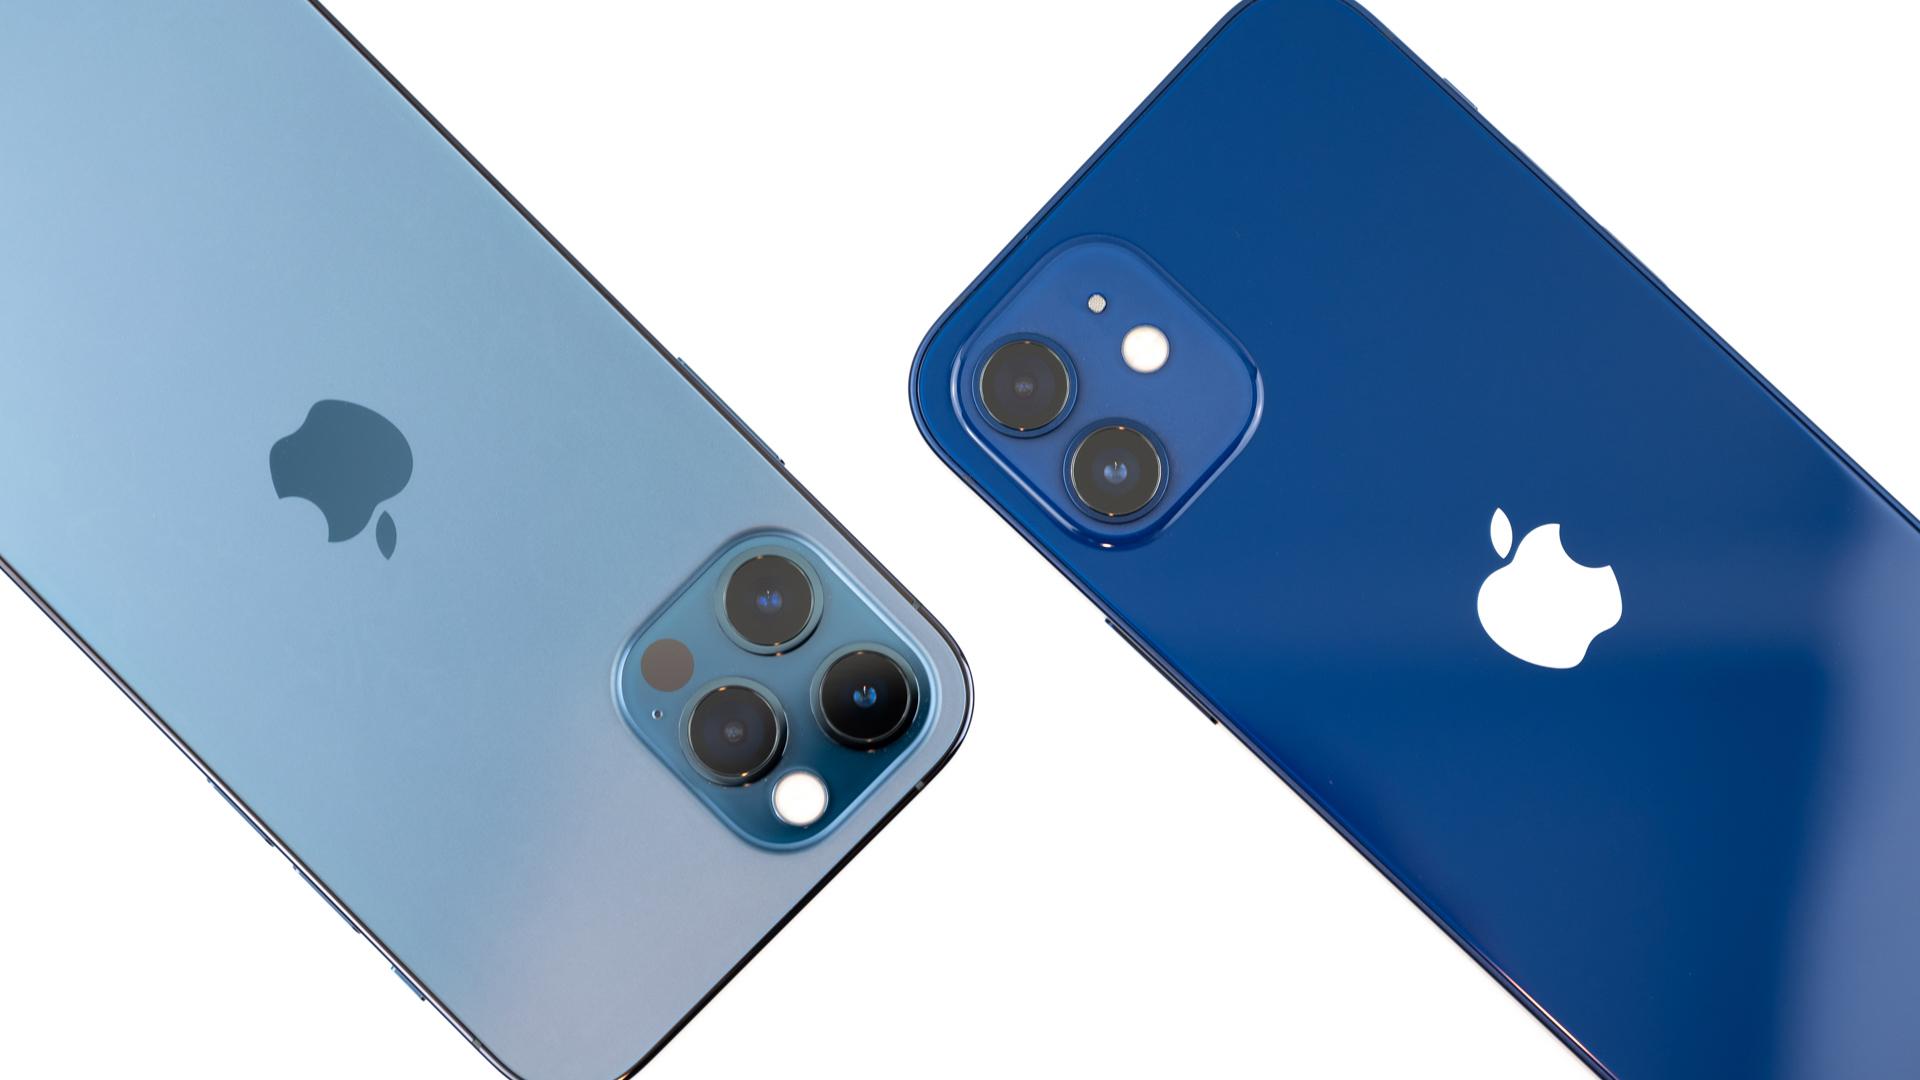 iPhone 12 ブルーとiPhone 12 Pro パシフィックブルーの色を比較してみた